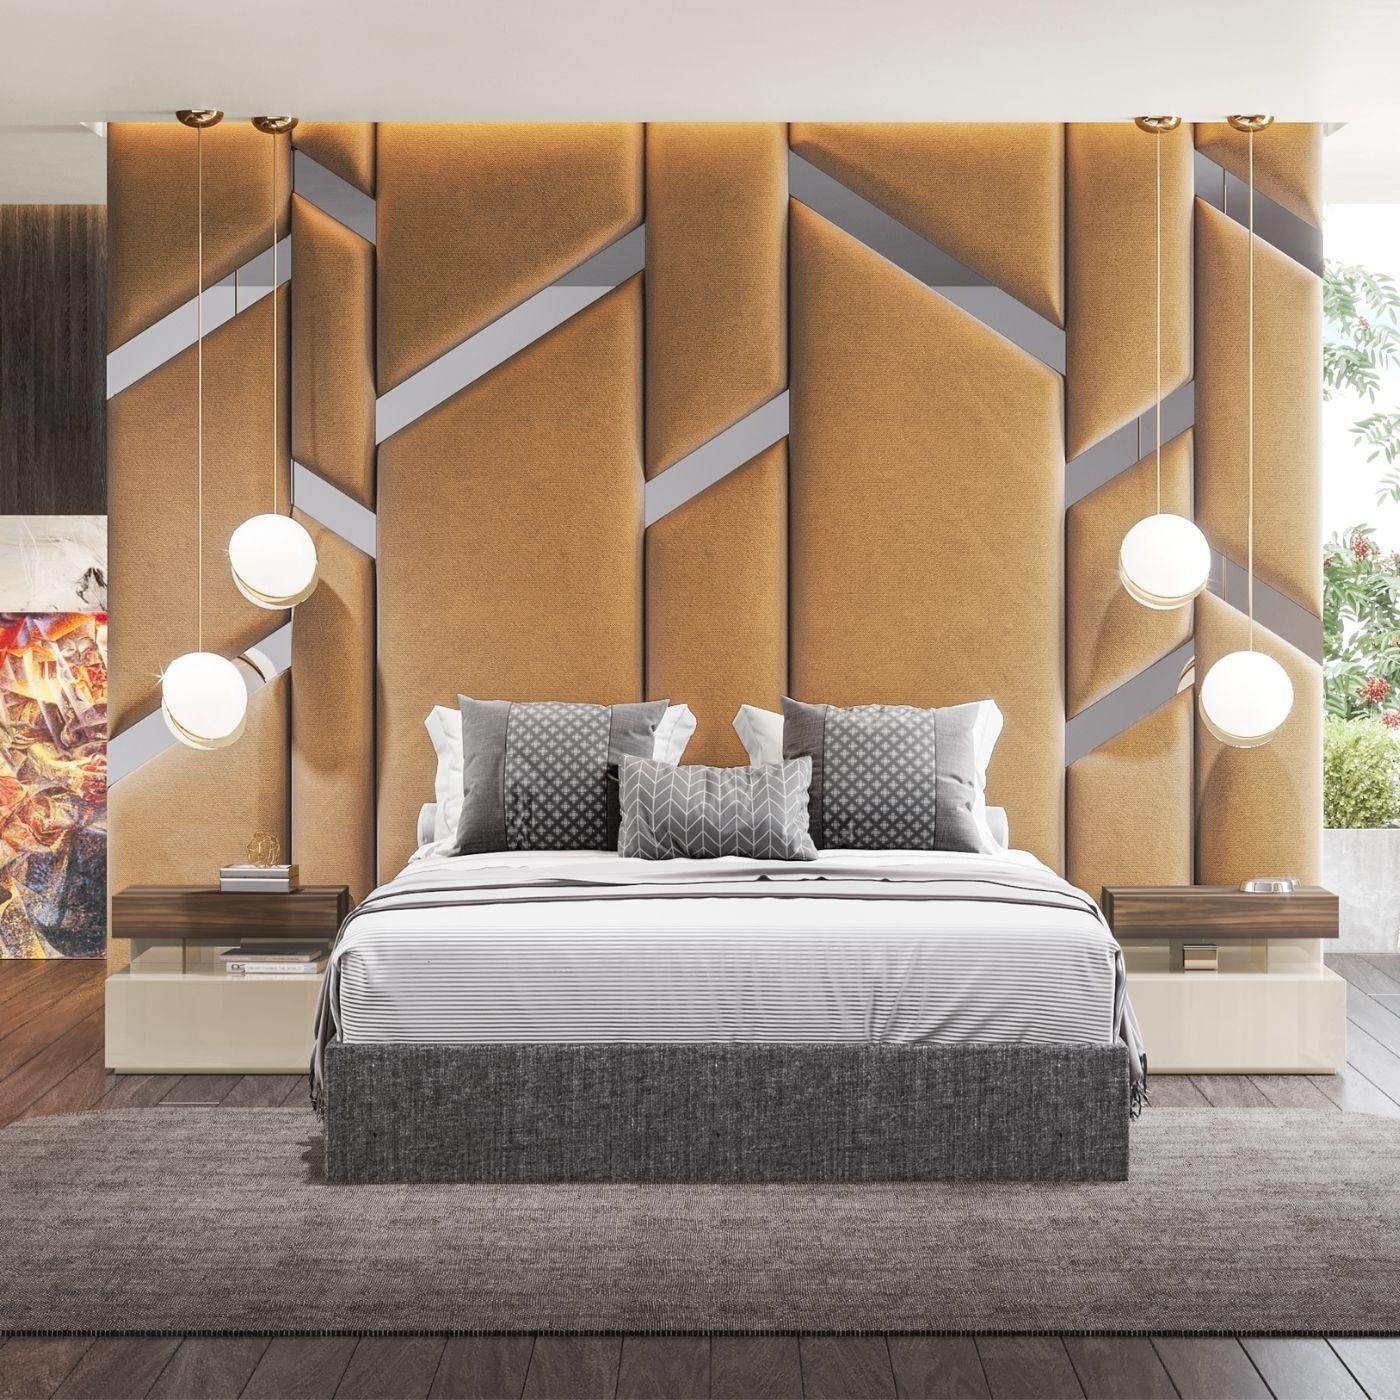 base de cama independente